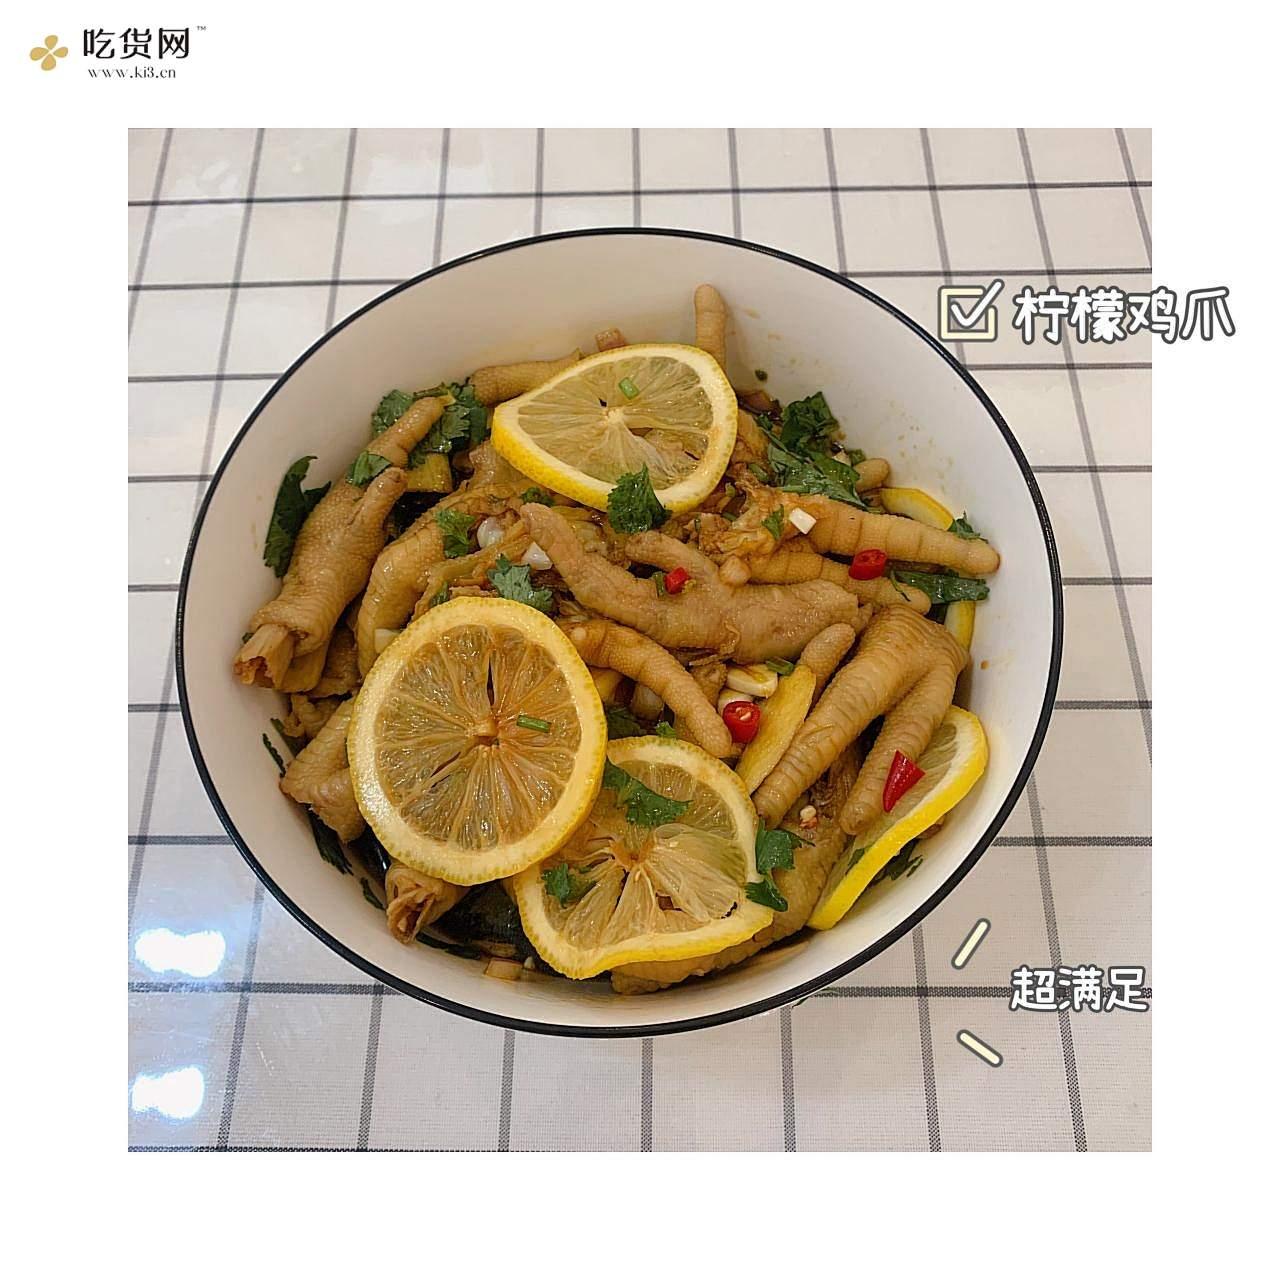 酸辣开胃小吃🍋柠檬鸡爪🍋💯零基础教程的做法 步骤8